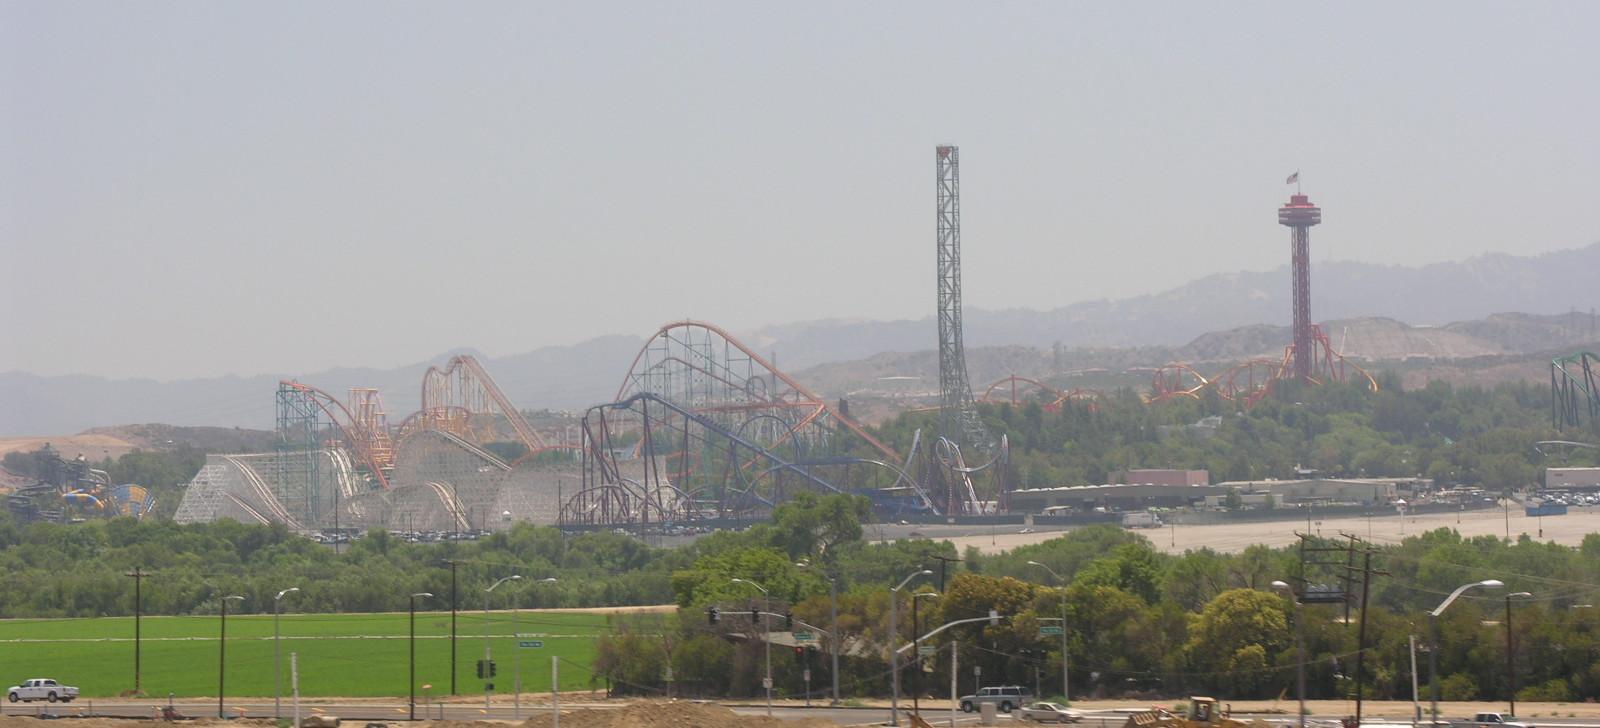 H Partners and Six Flags | CaseTutors